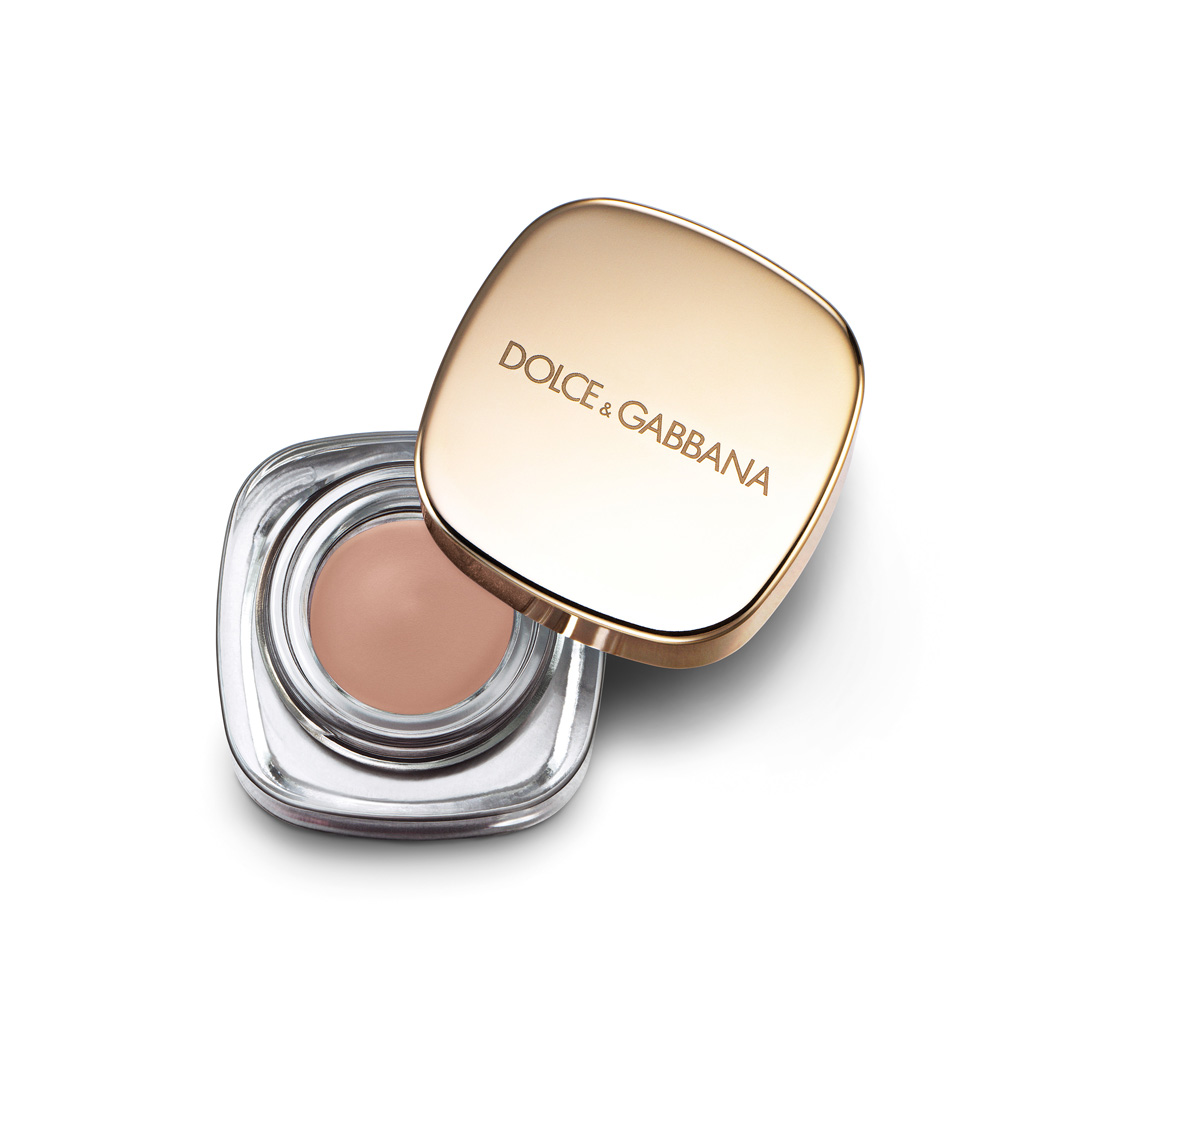 Dolce&Gabbana Perfect Mono Intense Cream Eye Colour en Nude